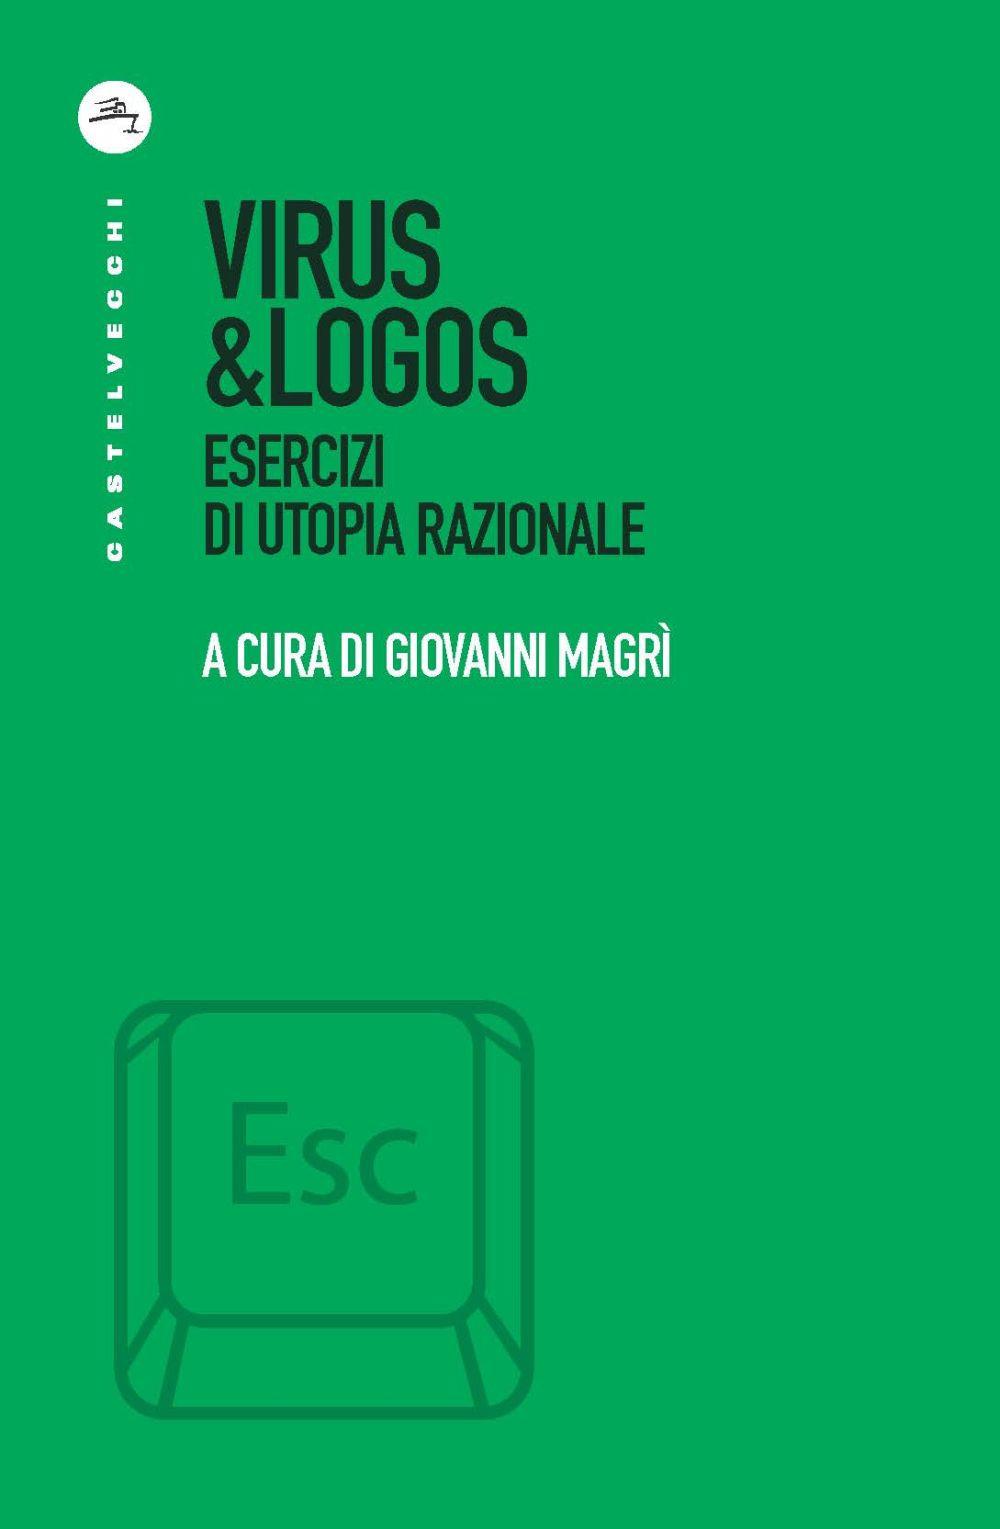 VIRUS & LOGOS. ESERCIZI DI UTOPIA RAZIONALE - Magrì G. (cur.) - 9788832900644